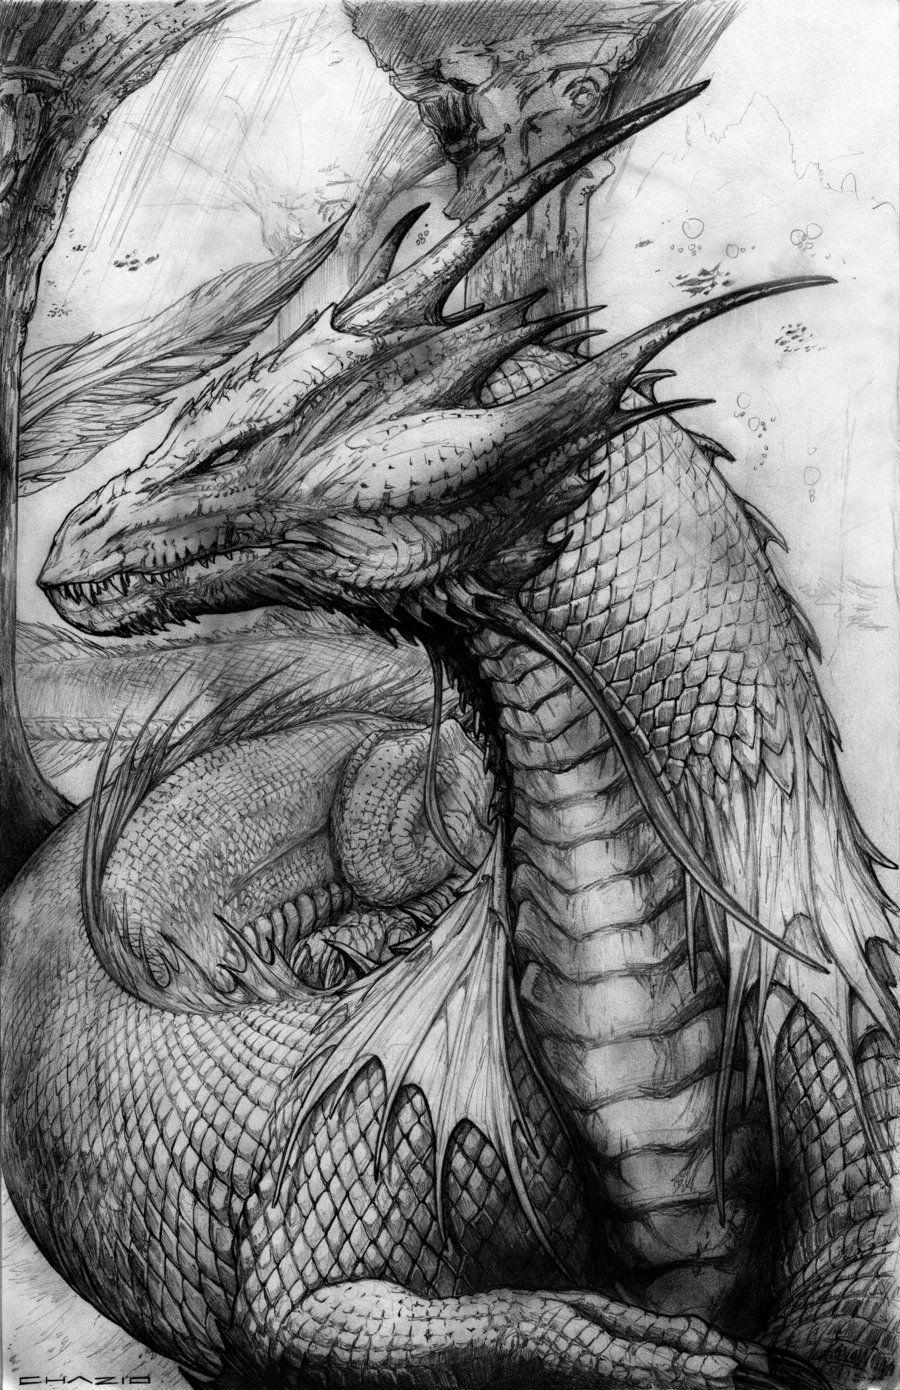 Sand Dragon by ChuckWalton * Dragon Fantasy Myth Mythical